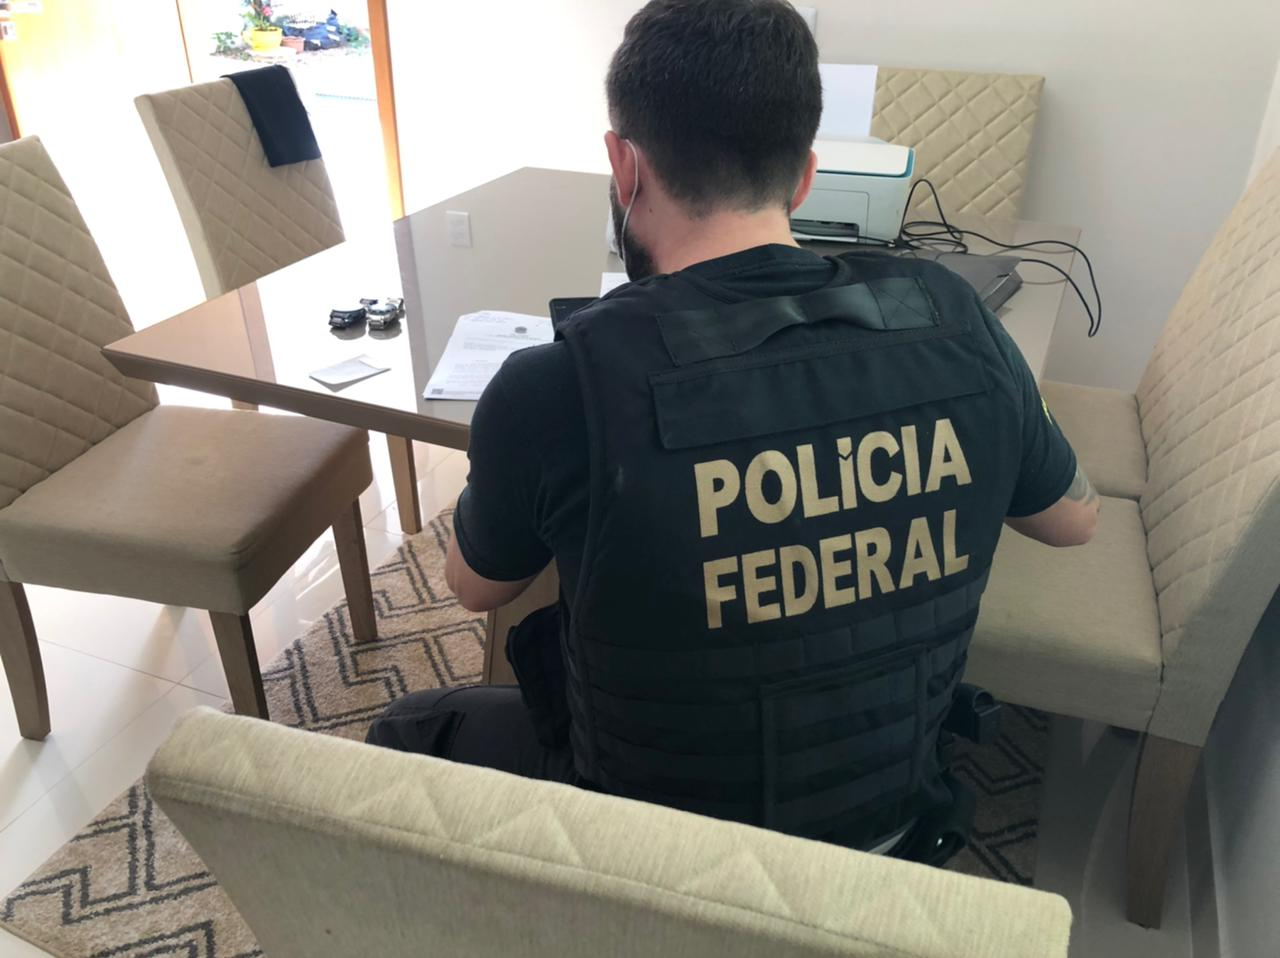 PF deflagra operação para descapitalizar grupo voltado à prática de crimes  ambientais em áreas da União em RO – Extraderondonia.com.br